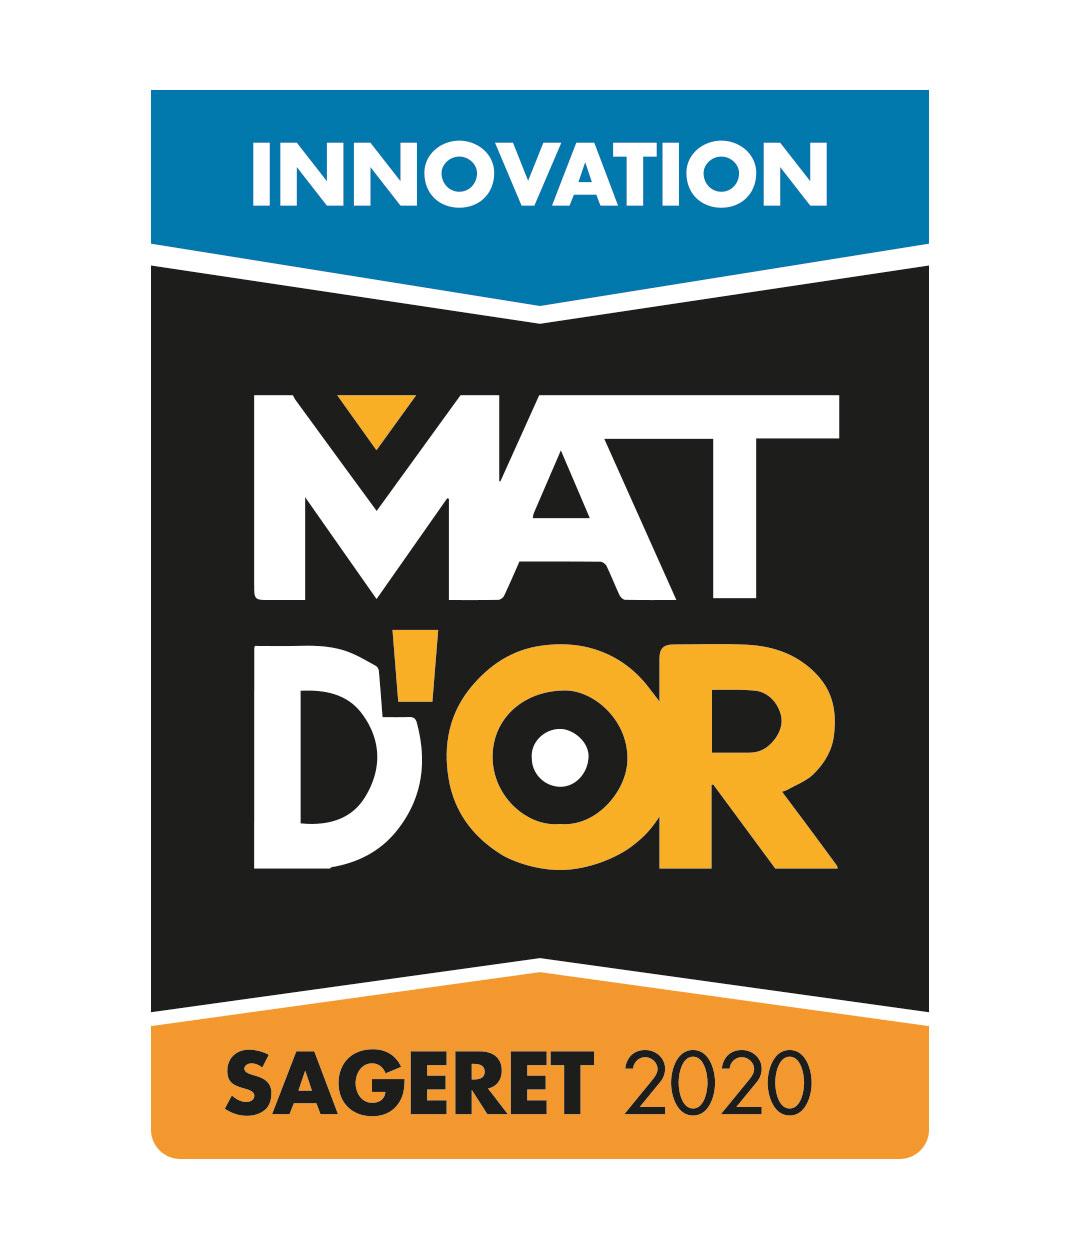 logo mat d'or sageret innovation 2020